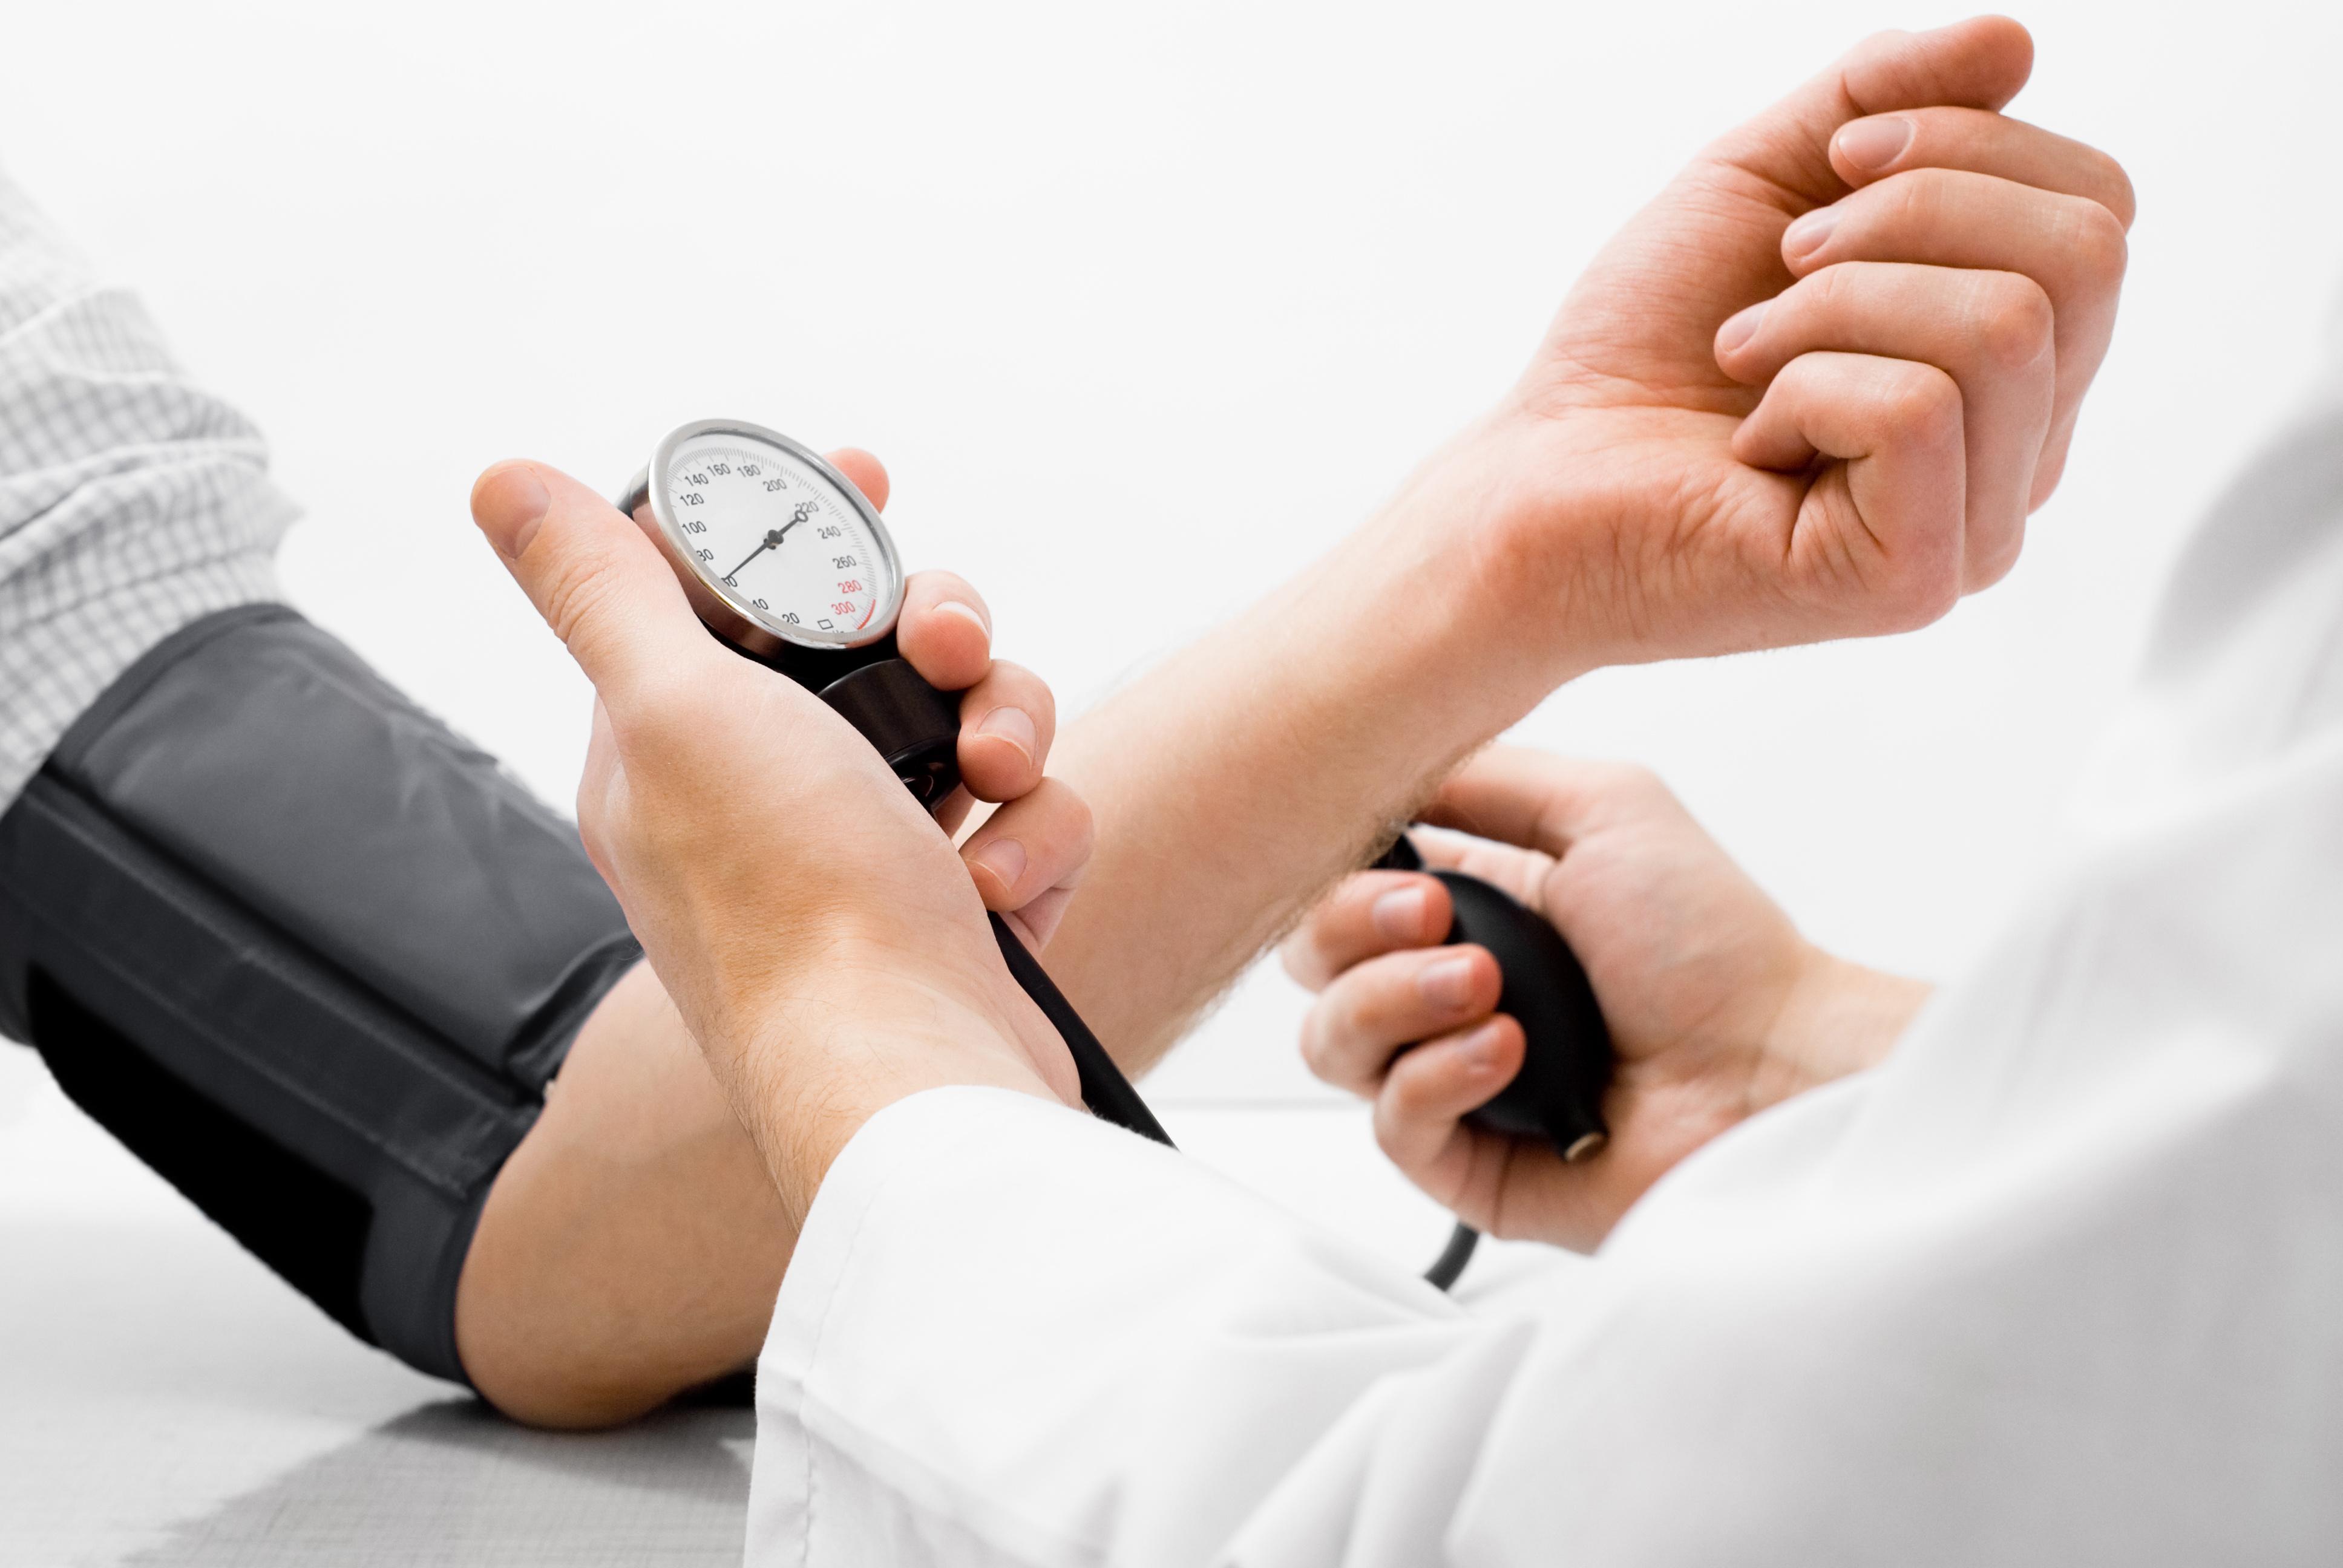 hipertóniával járó kísérő betegségek